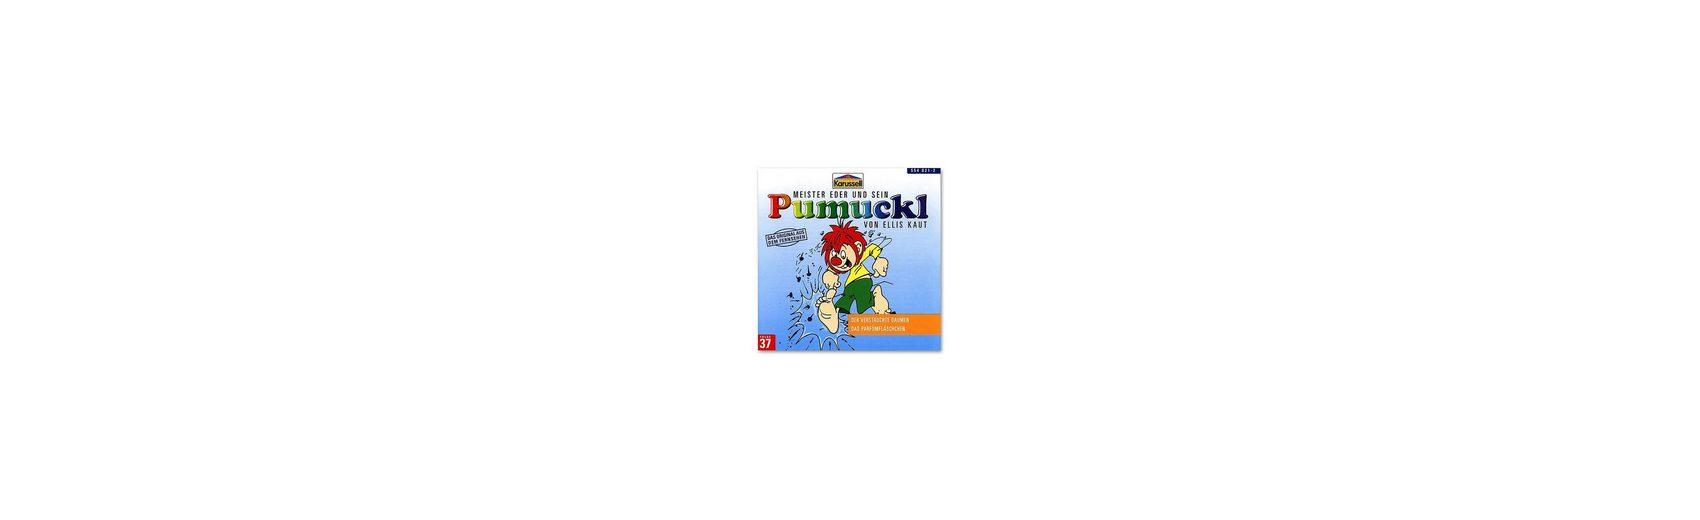 Universal Music GmbH CD Pumuckl 37 - der verstauchte Daumen